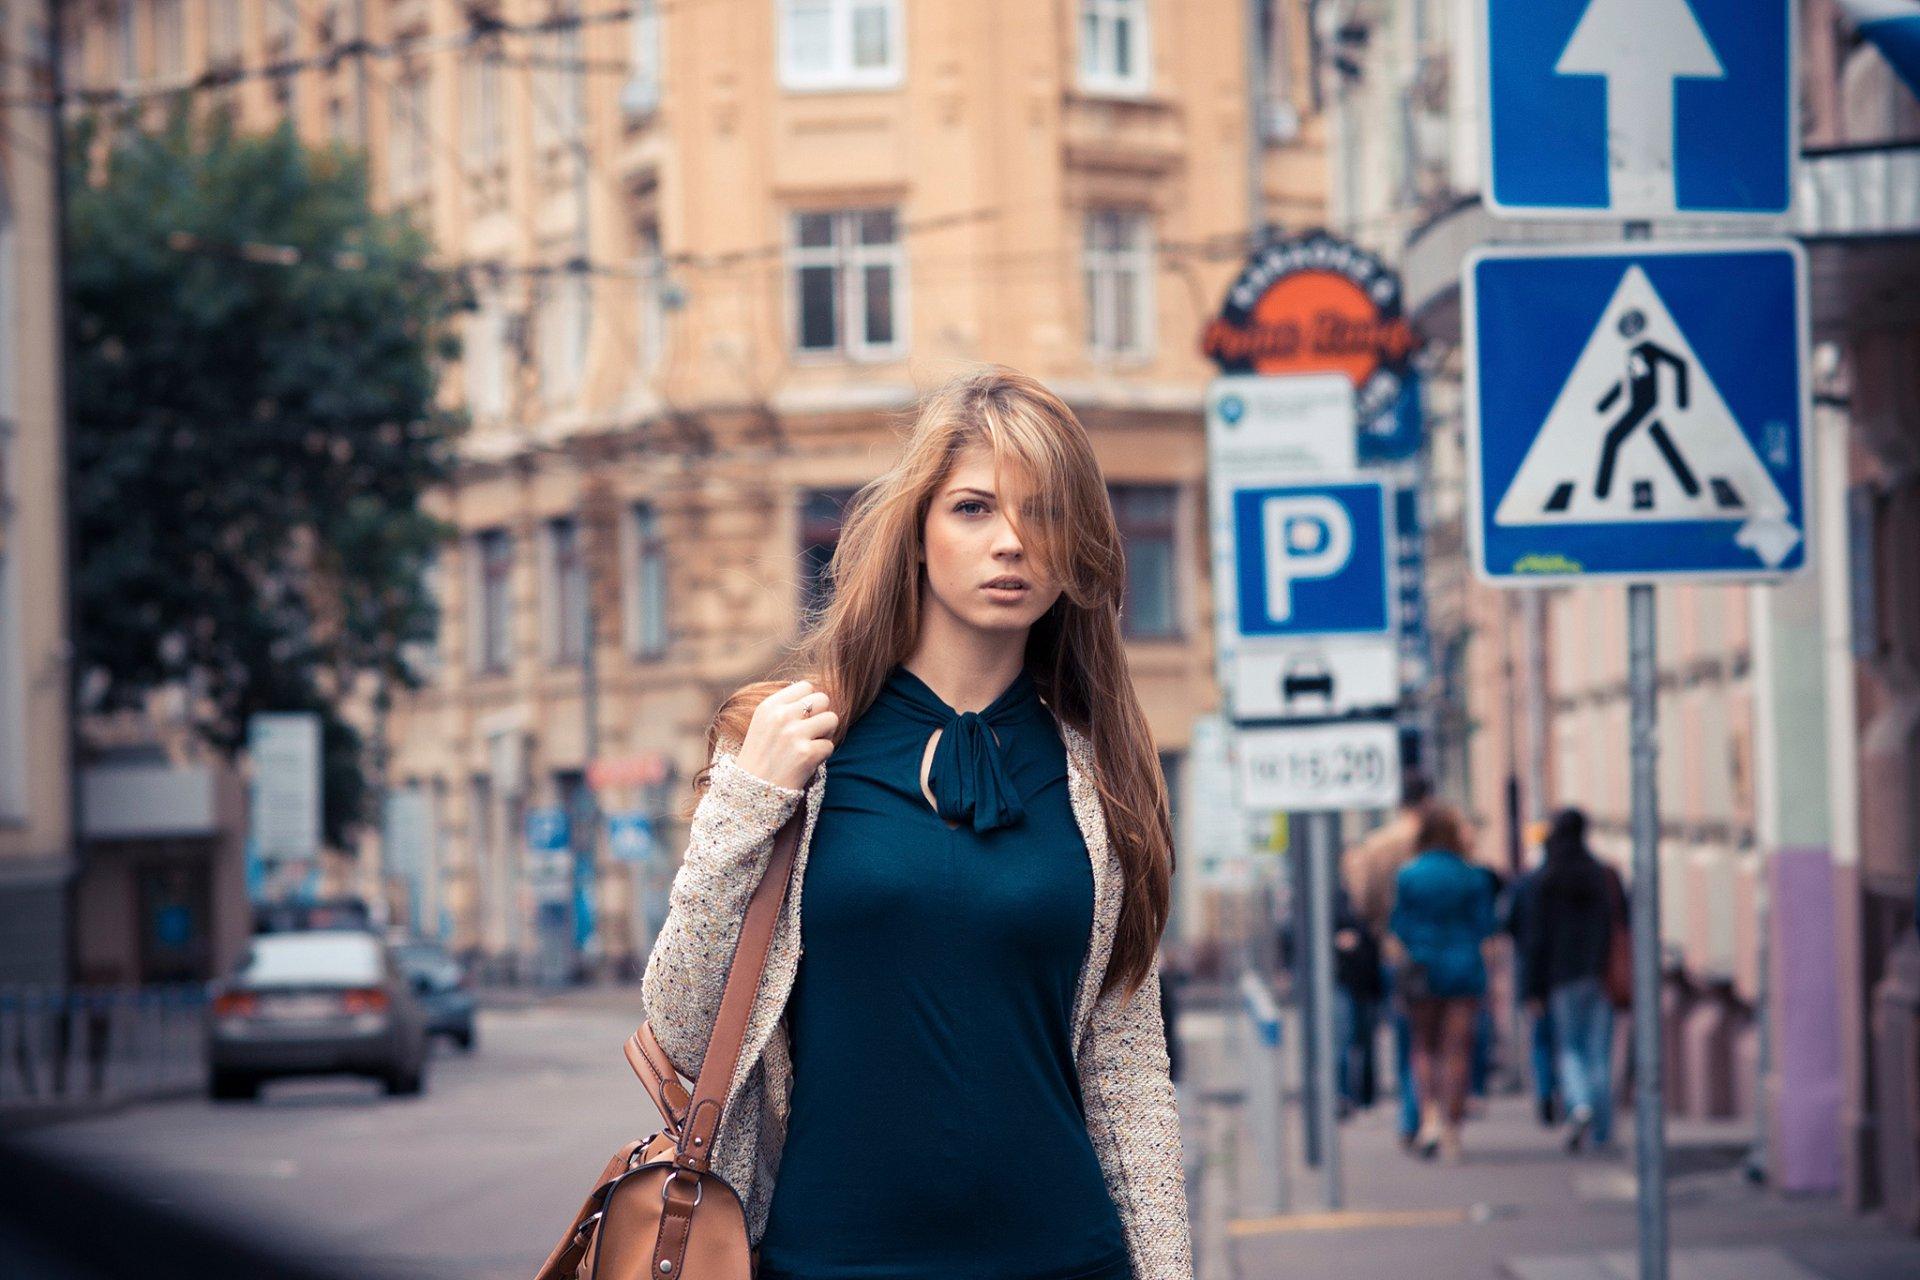 Застукала любовницей красивые на улице видео